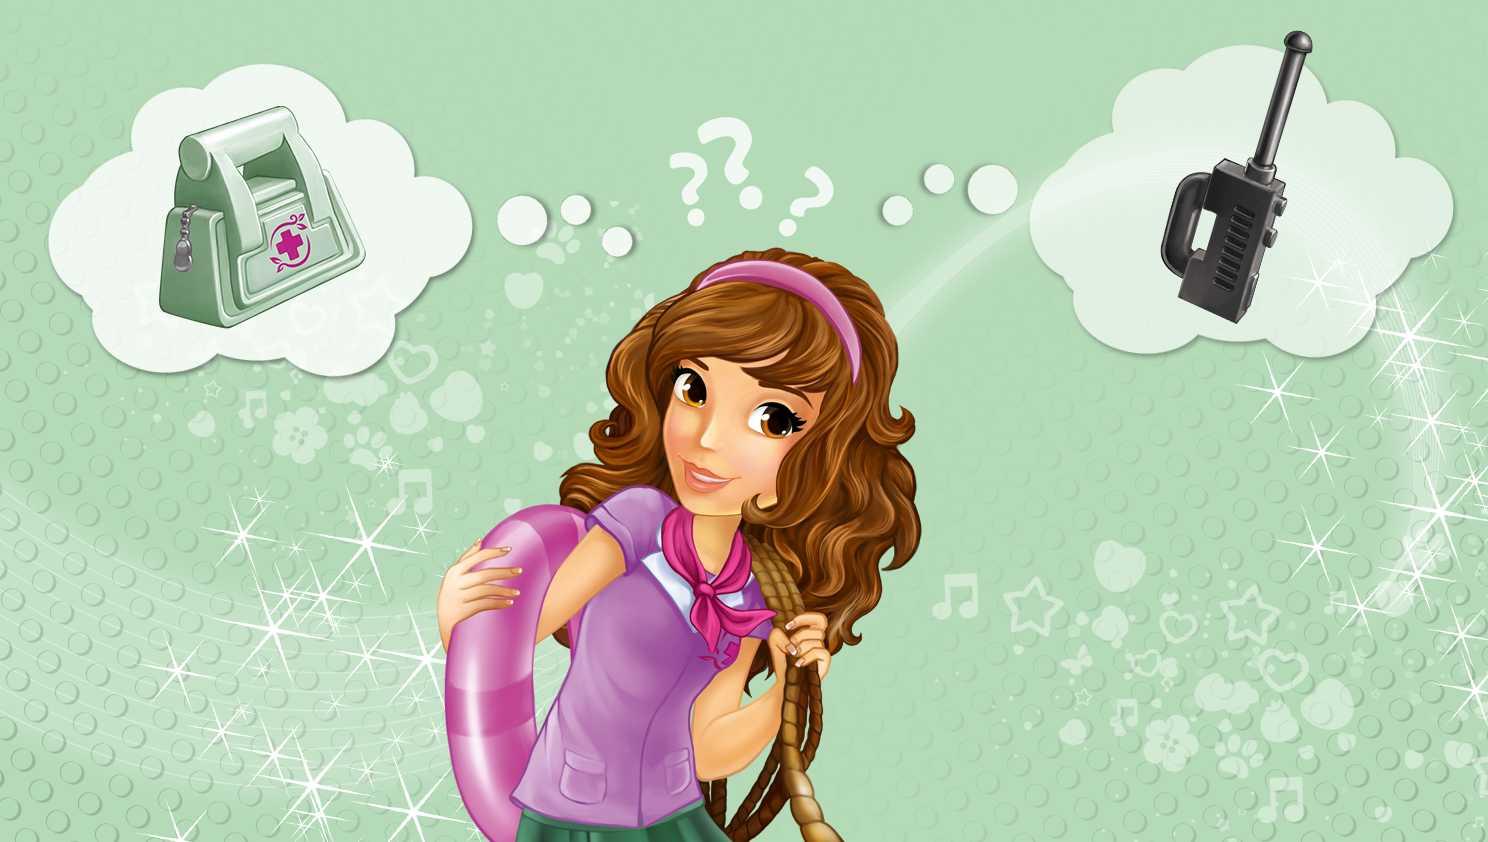 Картинки лего френдс для девочек - 17b